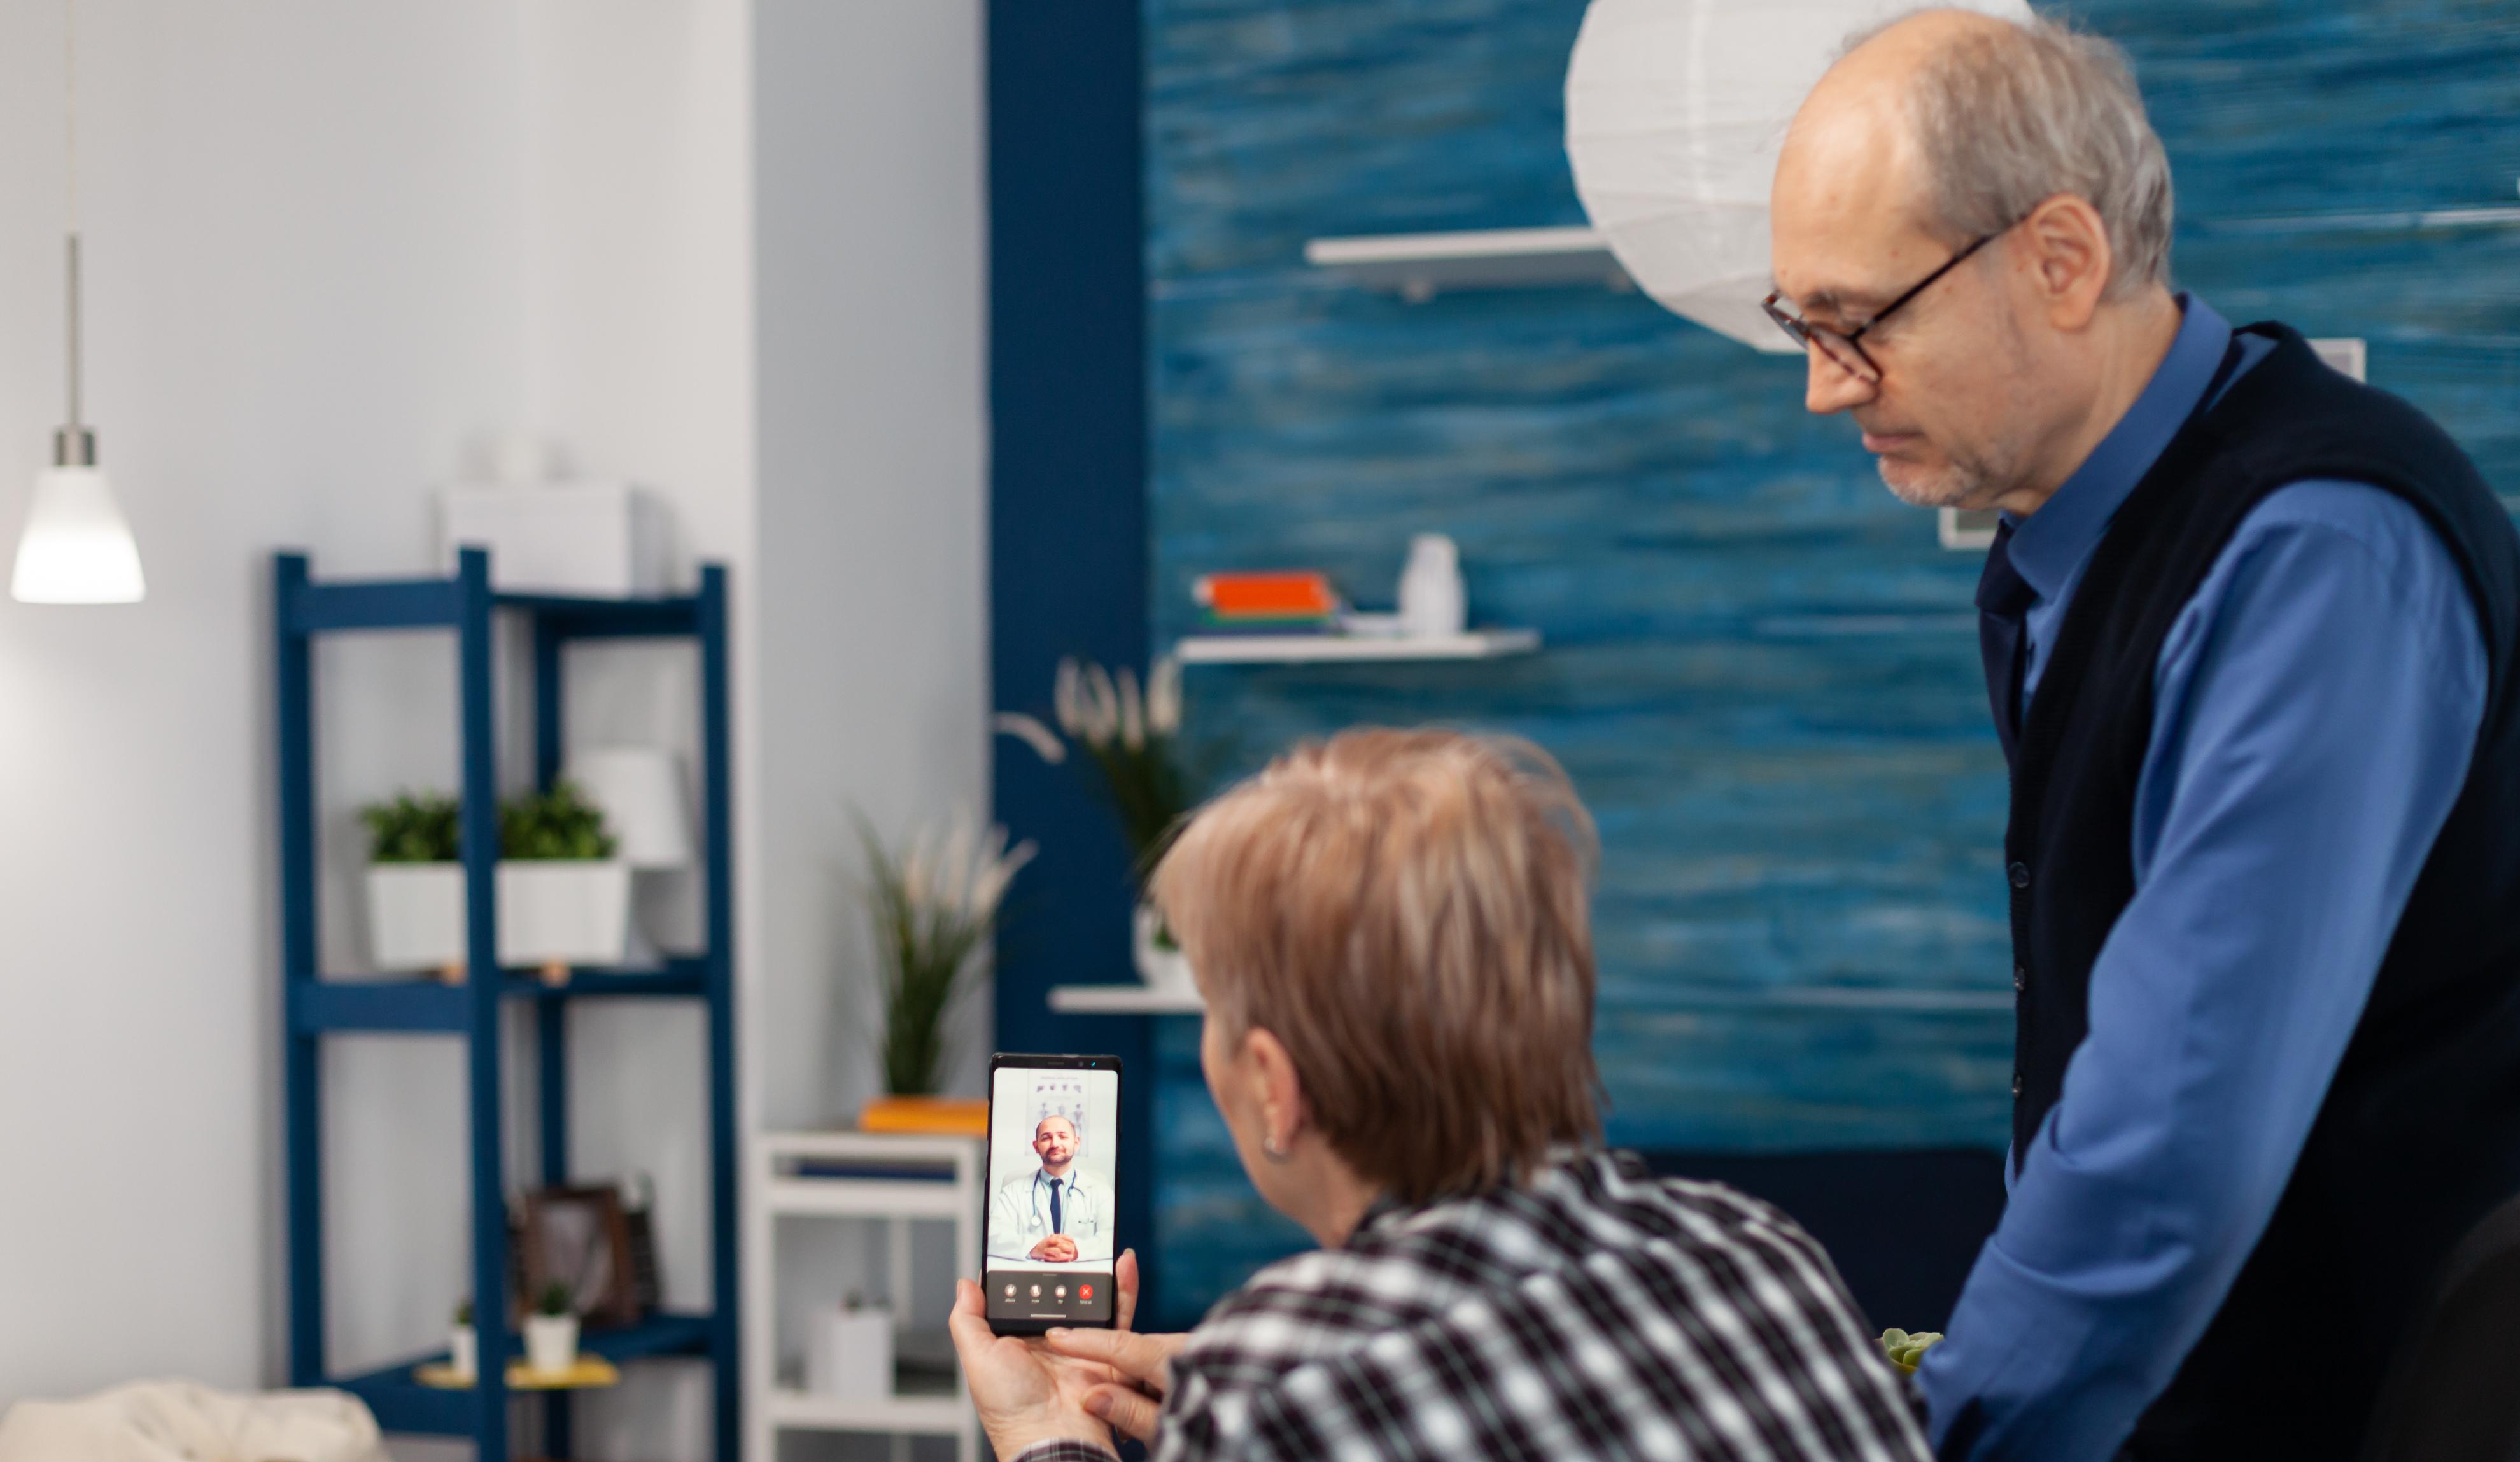 Beneficio de la telemedicina en pacientes con diabetes